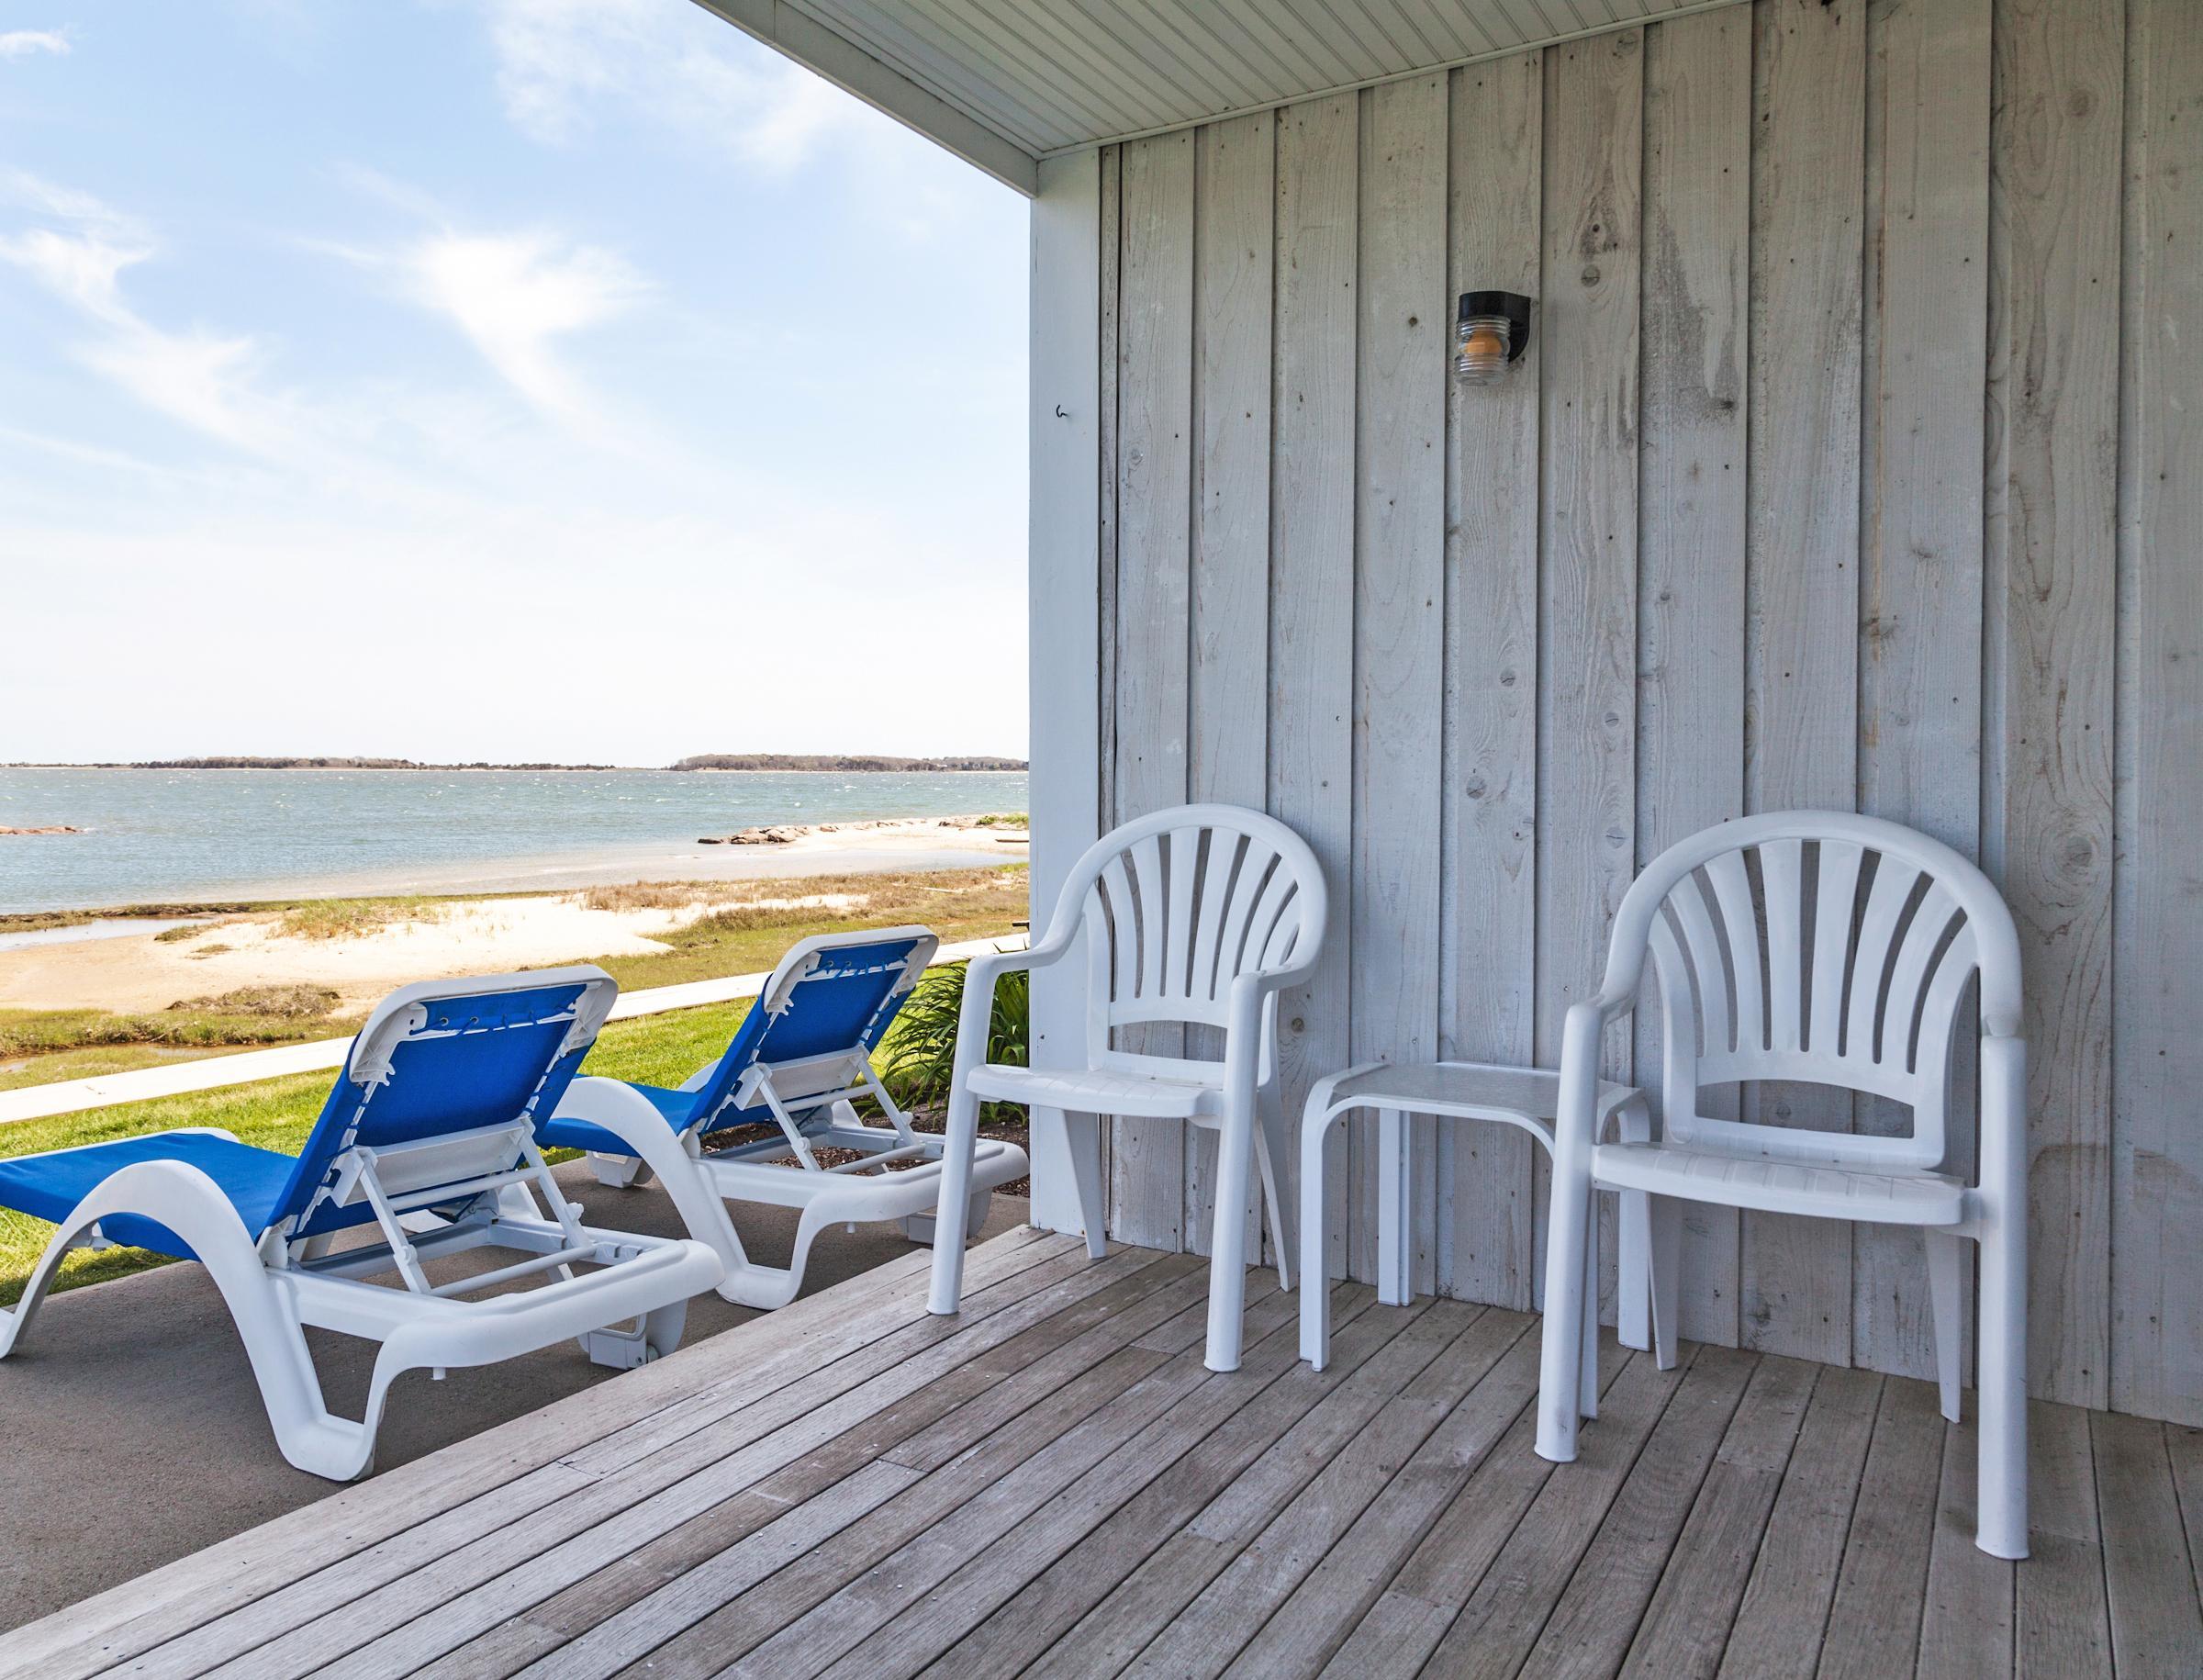 2 Bedroom, 2 Bath End Suite - Green Harbor Resort